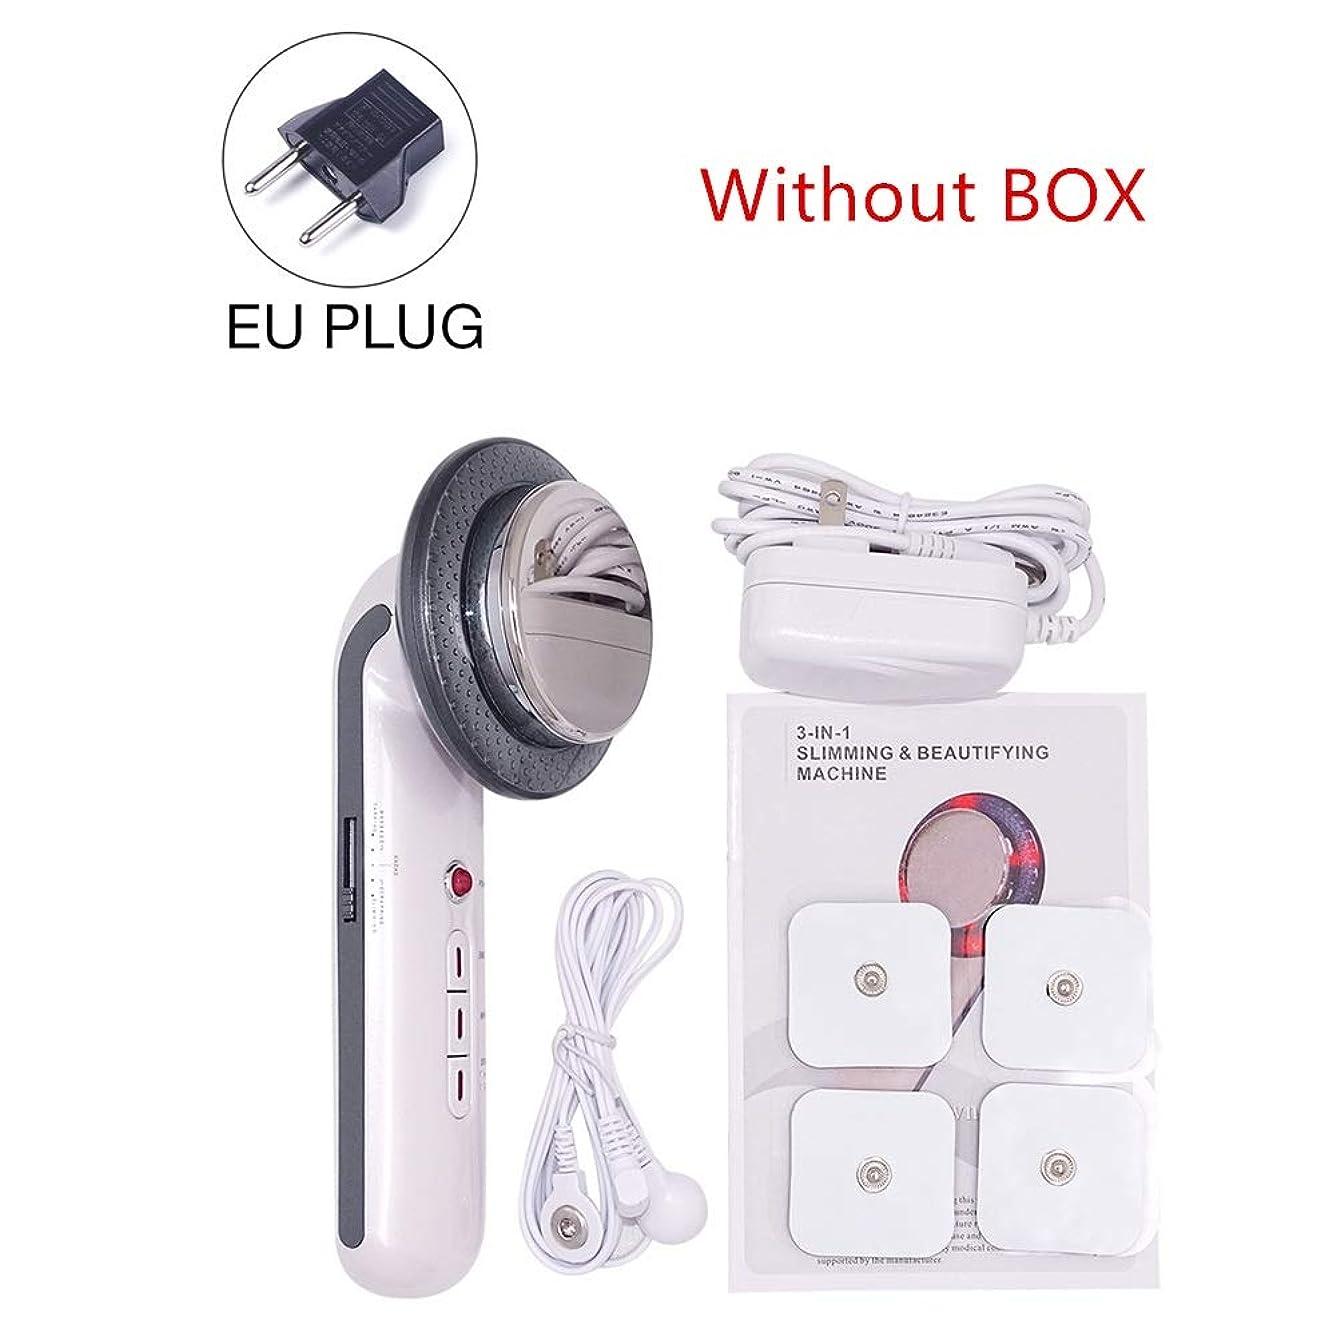 導入する軽蔑するおんどり1MHzの超音波キャビテーションEMSボディスリミングエレクトリック超音波減量治療装置フェイススキンケア美容ツールマッサージャー (Color : EU no box)